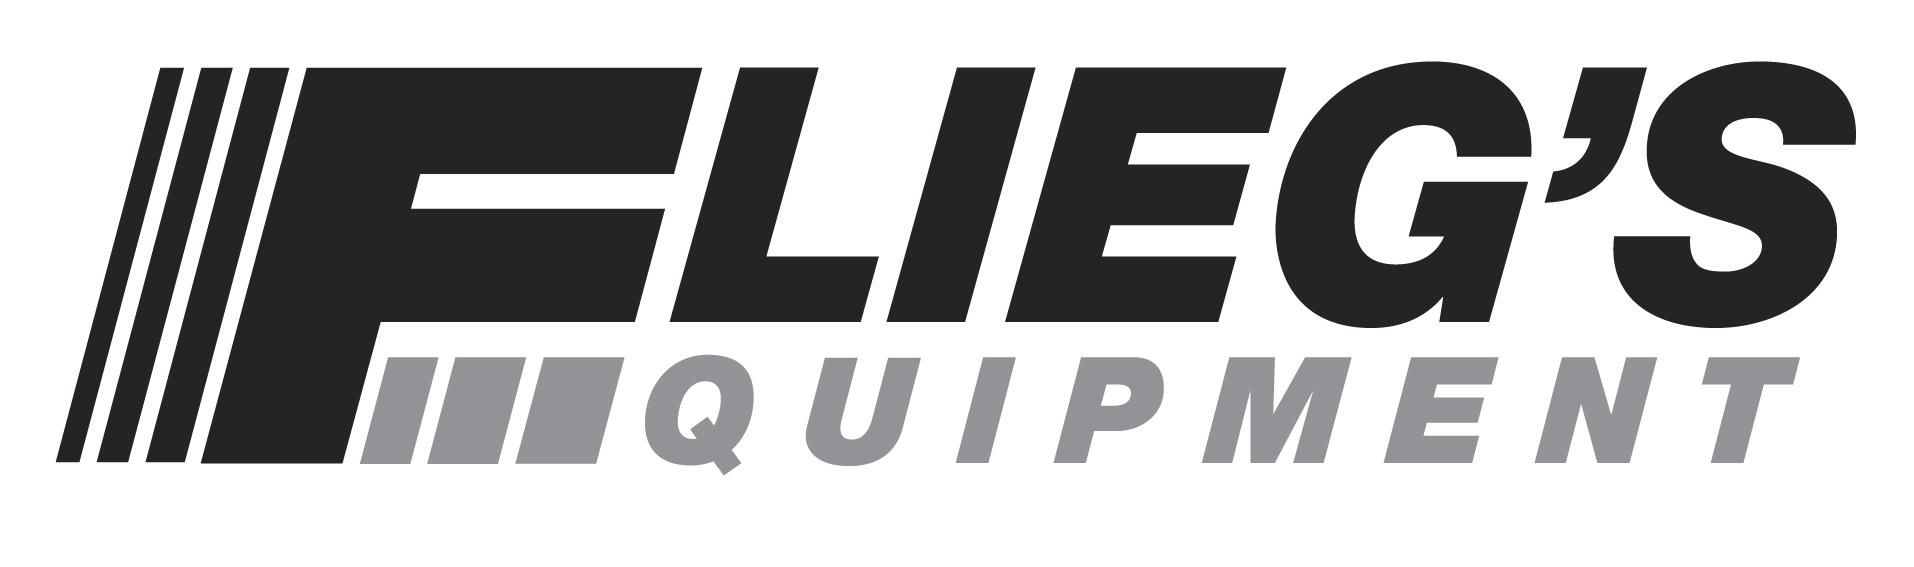 Flieg's Equip., Inc.